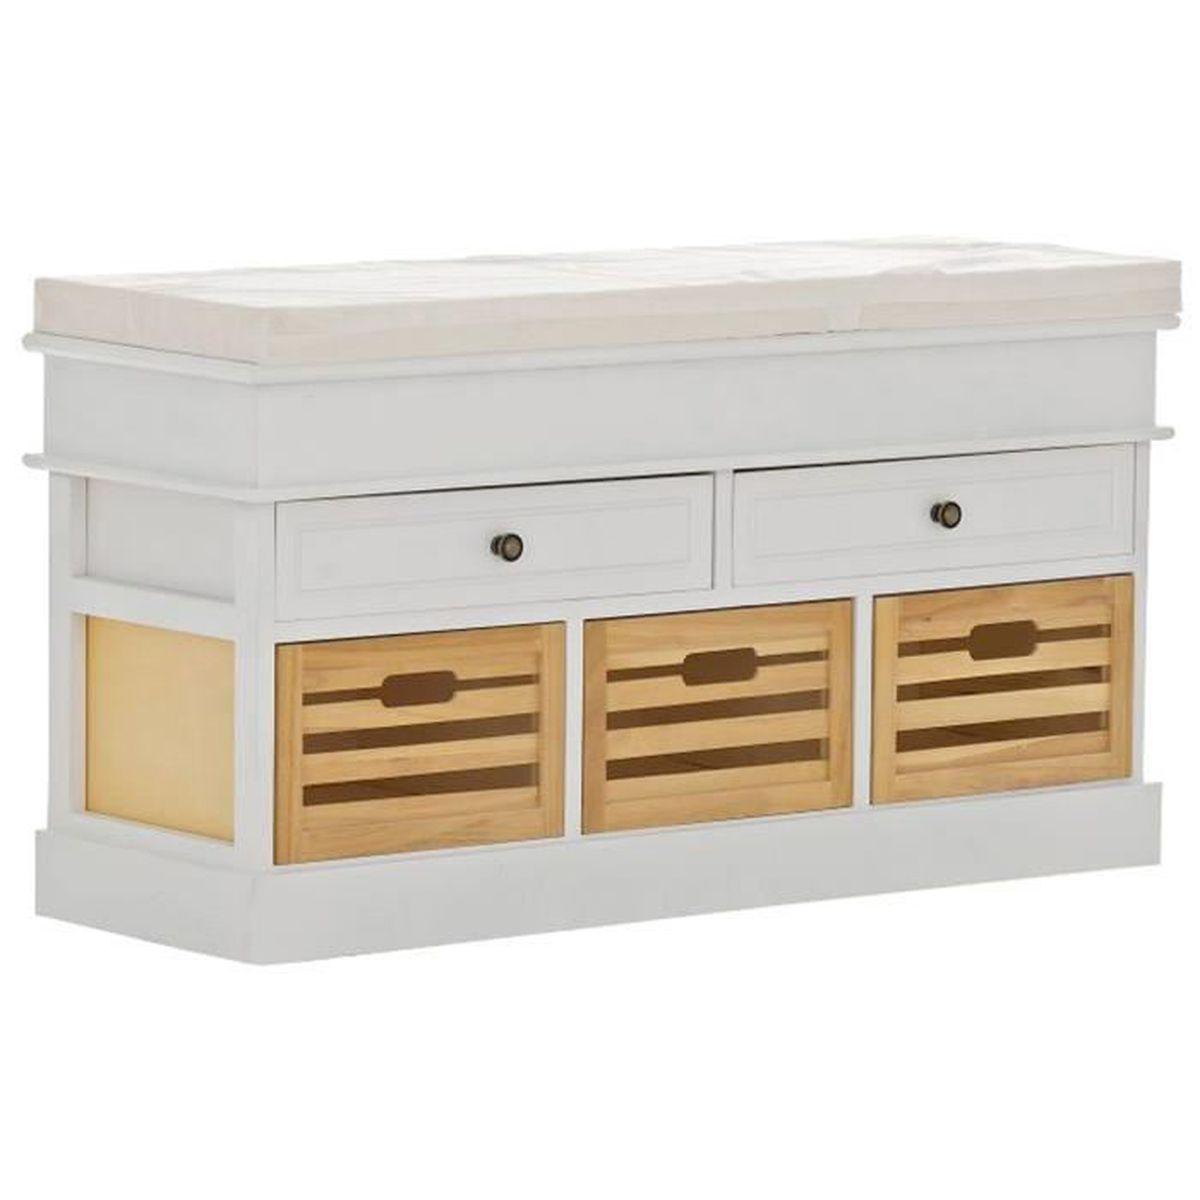 banc en bois avec espace de rangement blanc 55 x 100 x 35 cm achat vente banc cdiscount. Black Bedroom Furniture Sets. Home Design Ideas